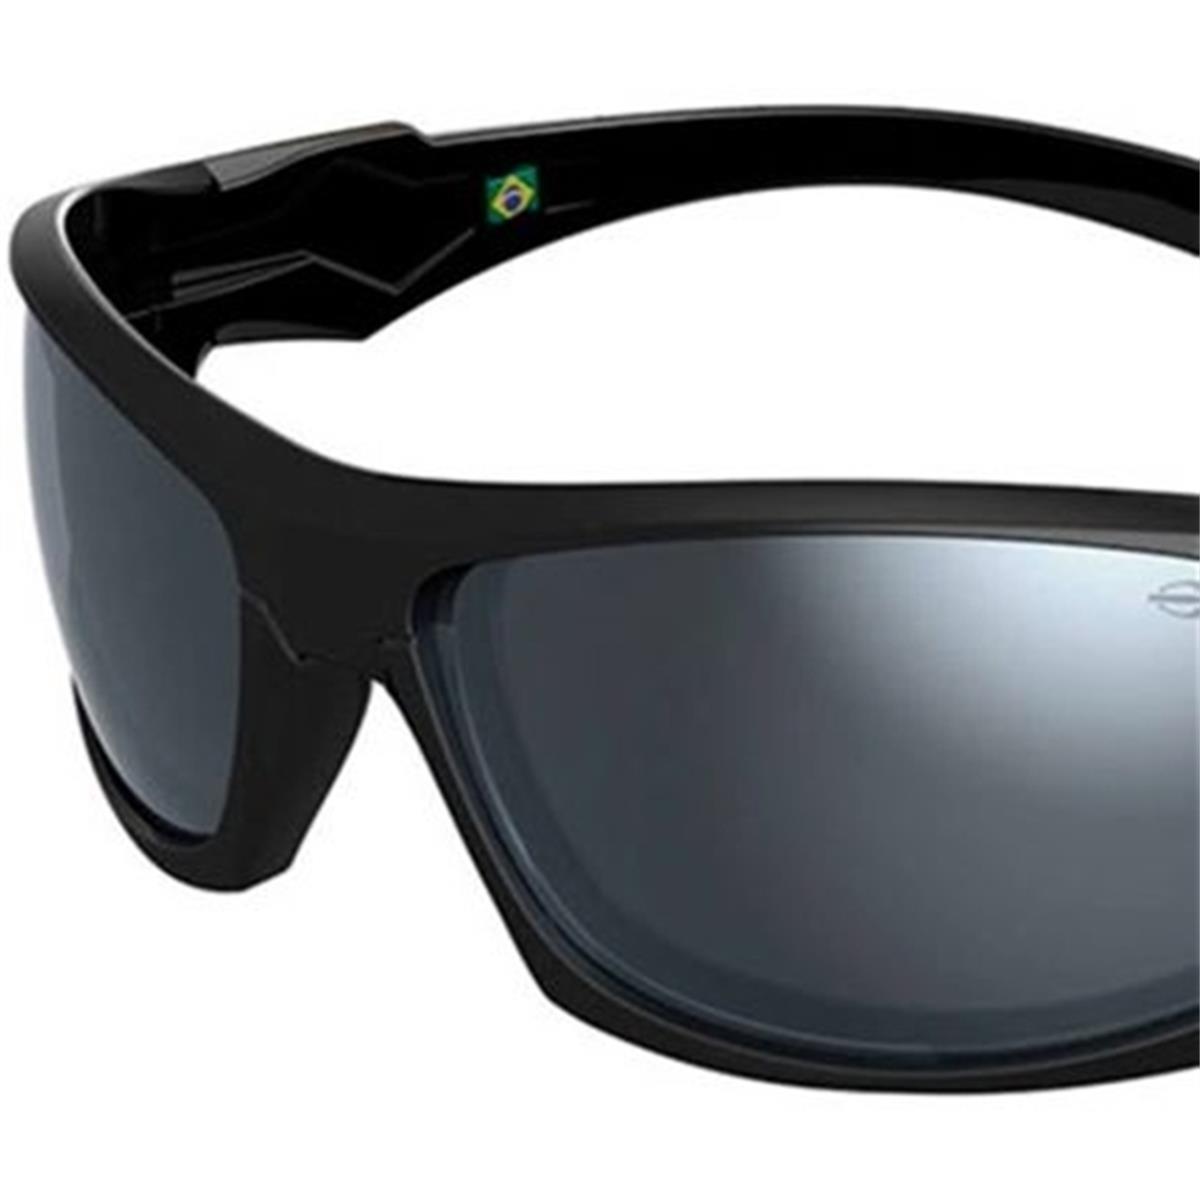 d873bfbdc Óculos de Sol Preto Brilhante Polarizado ITACARE 2 Mormaii